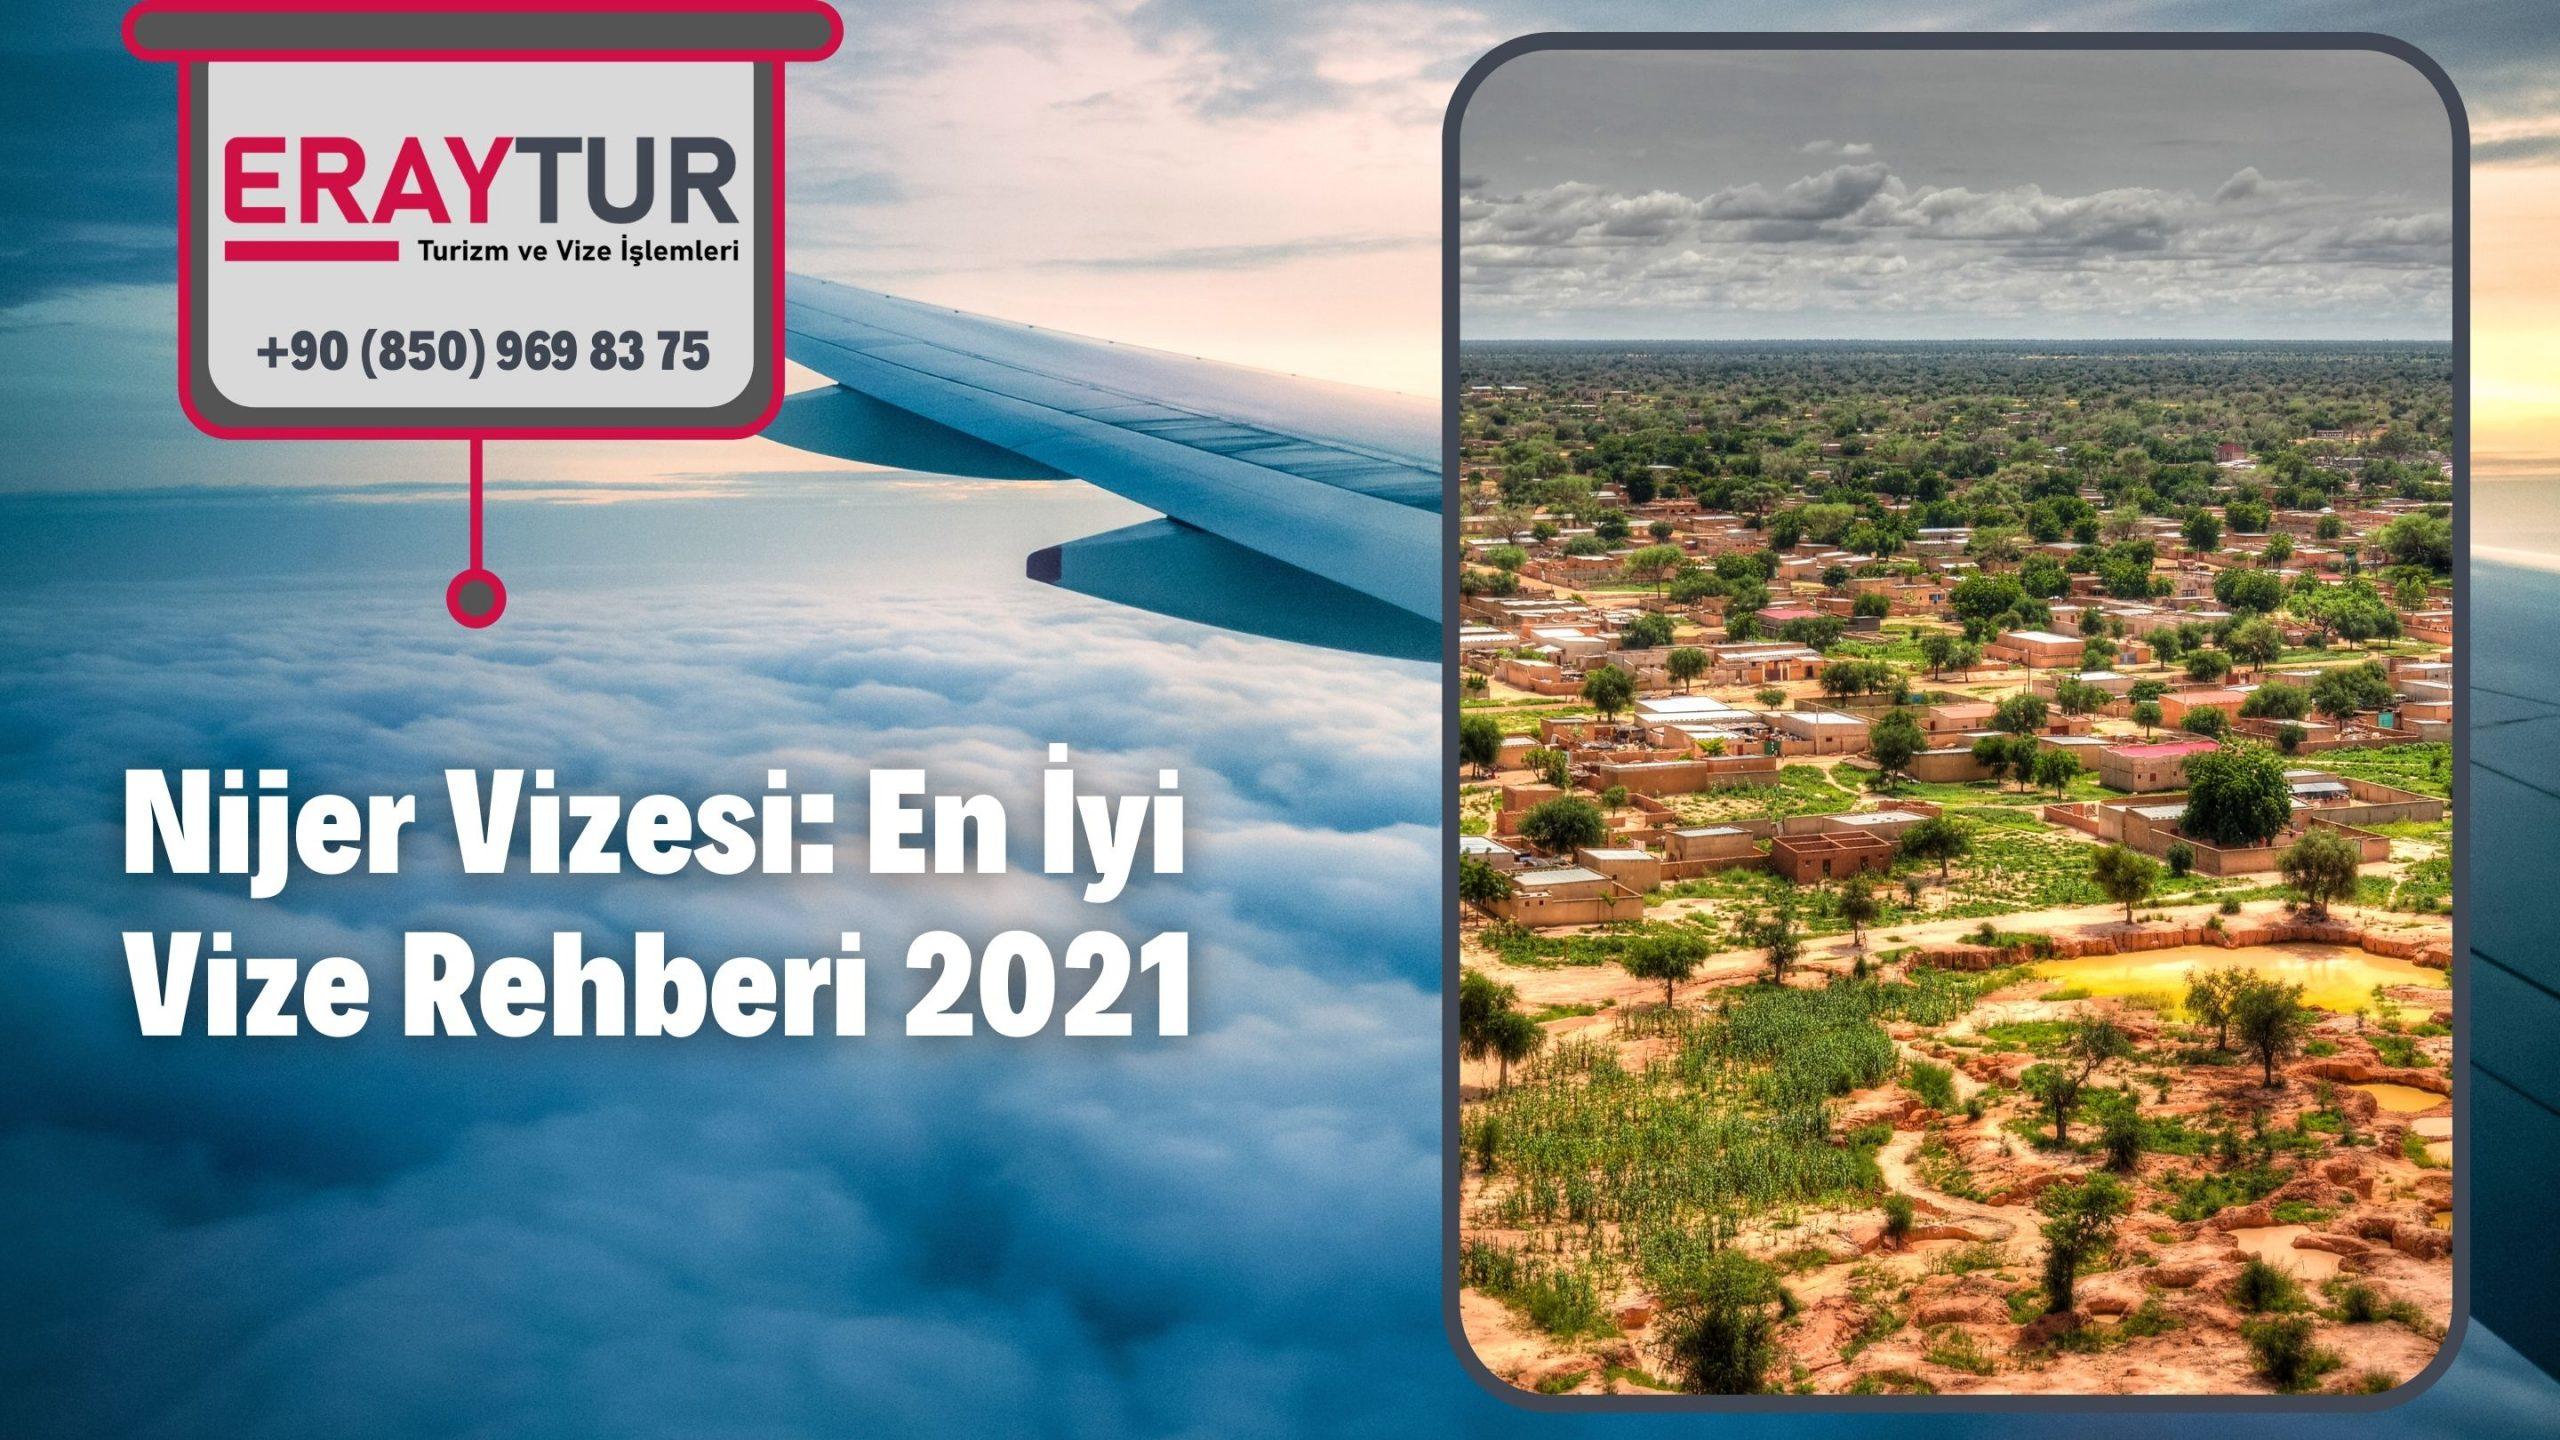 Nijer Vizesi: En İyi Vize Rehberi 2021